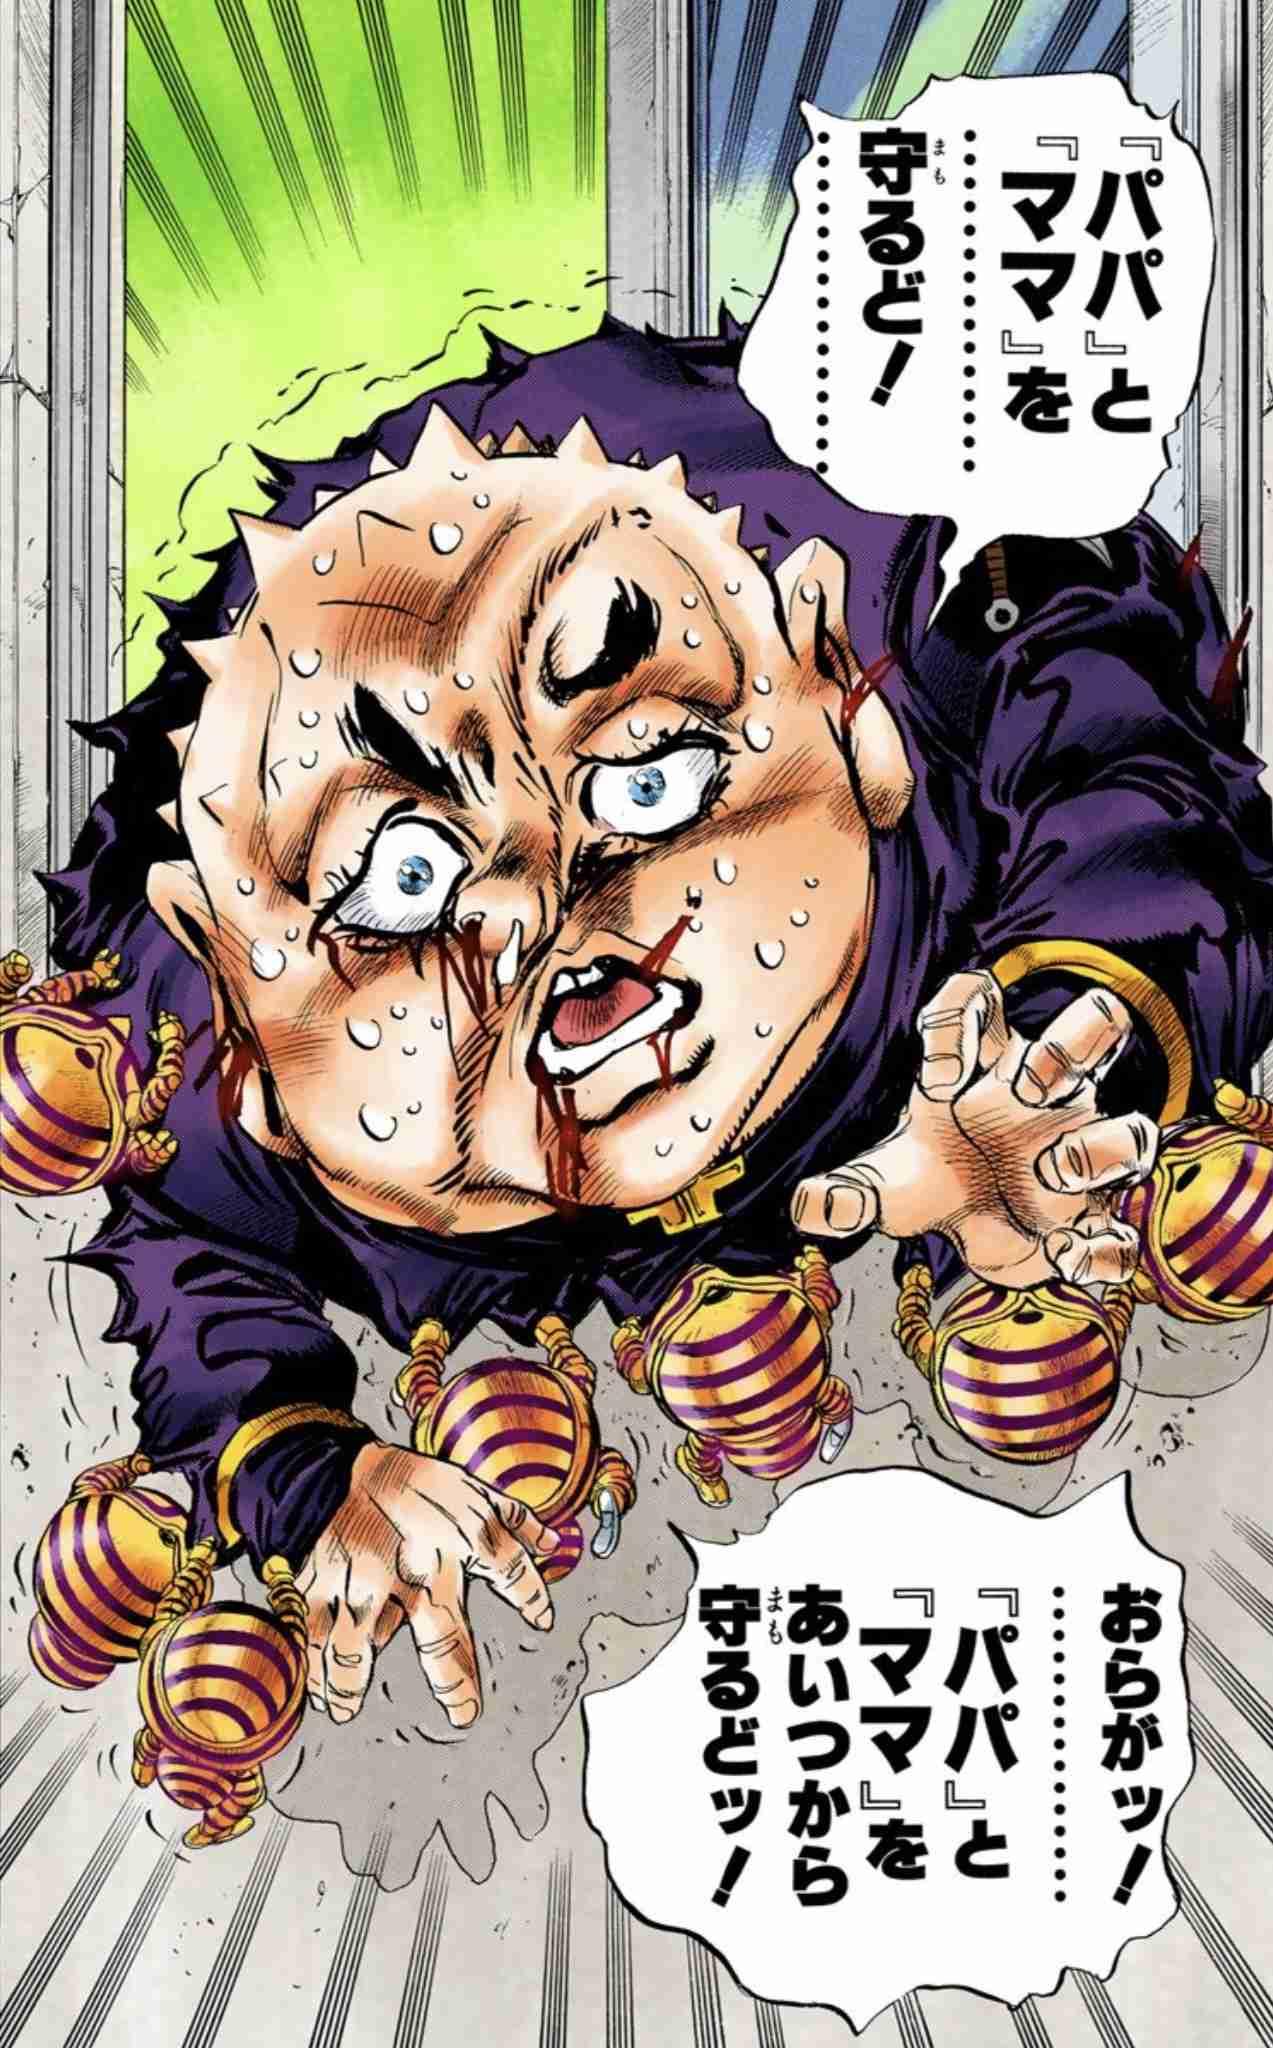 死なないでほしかったアニメ・漫画のキャラ